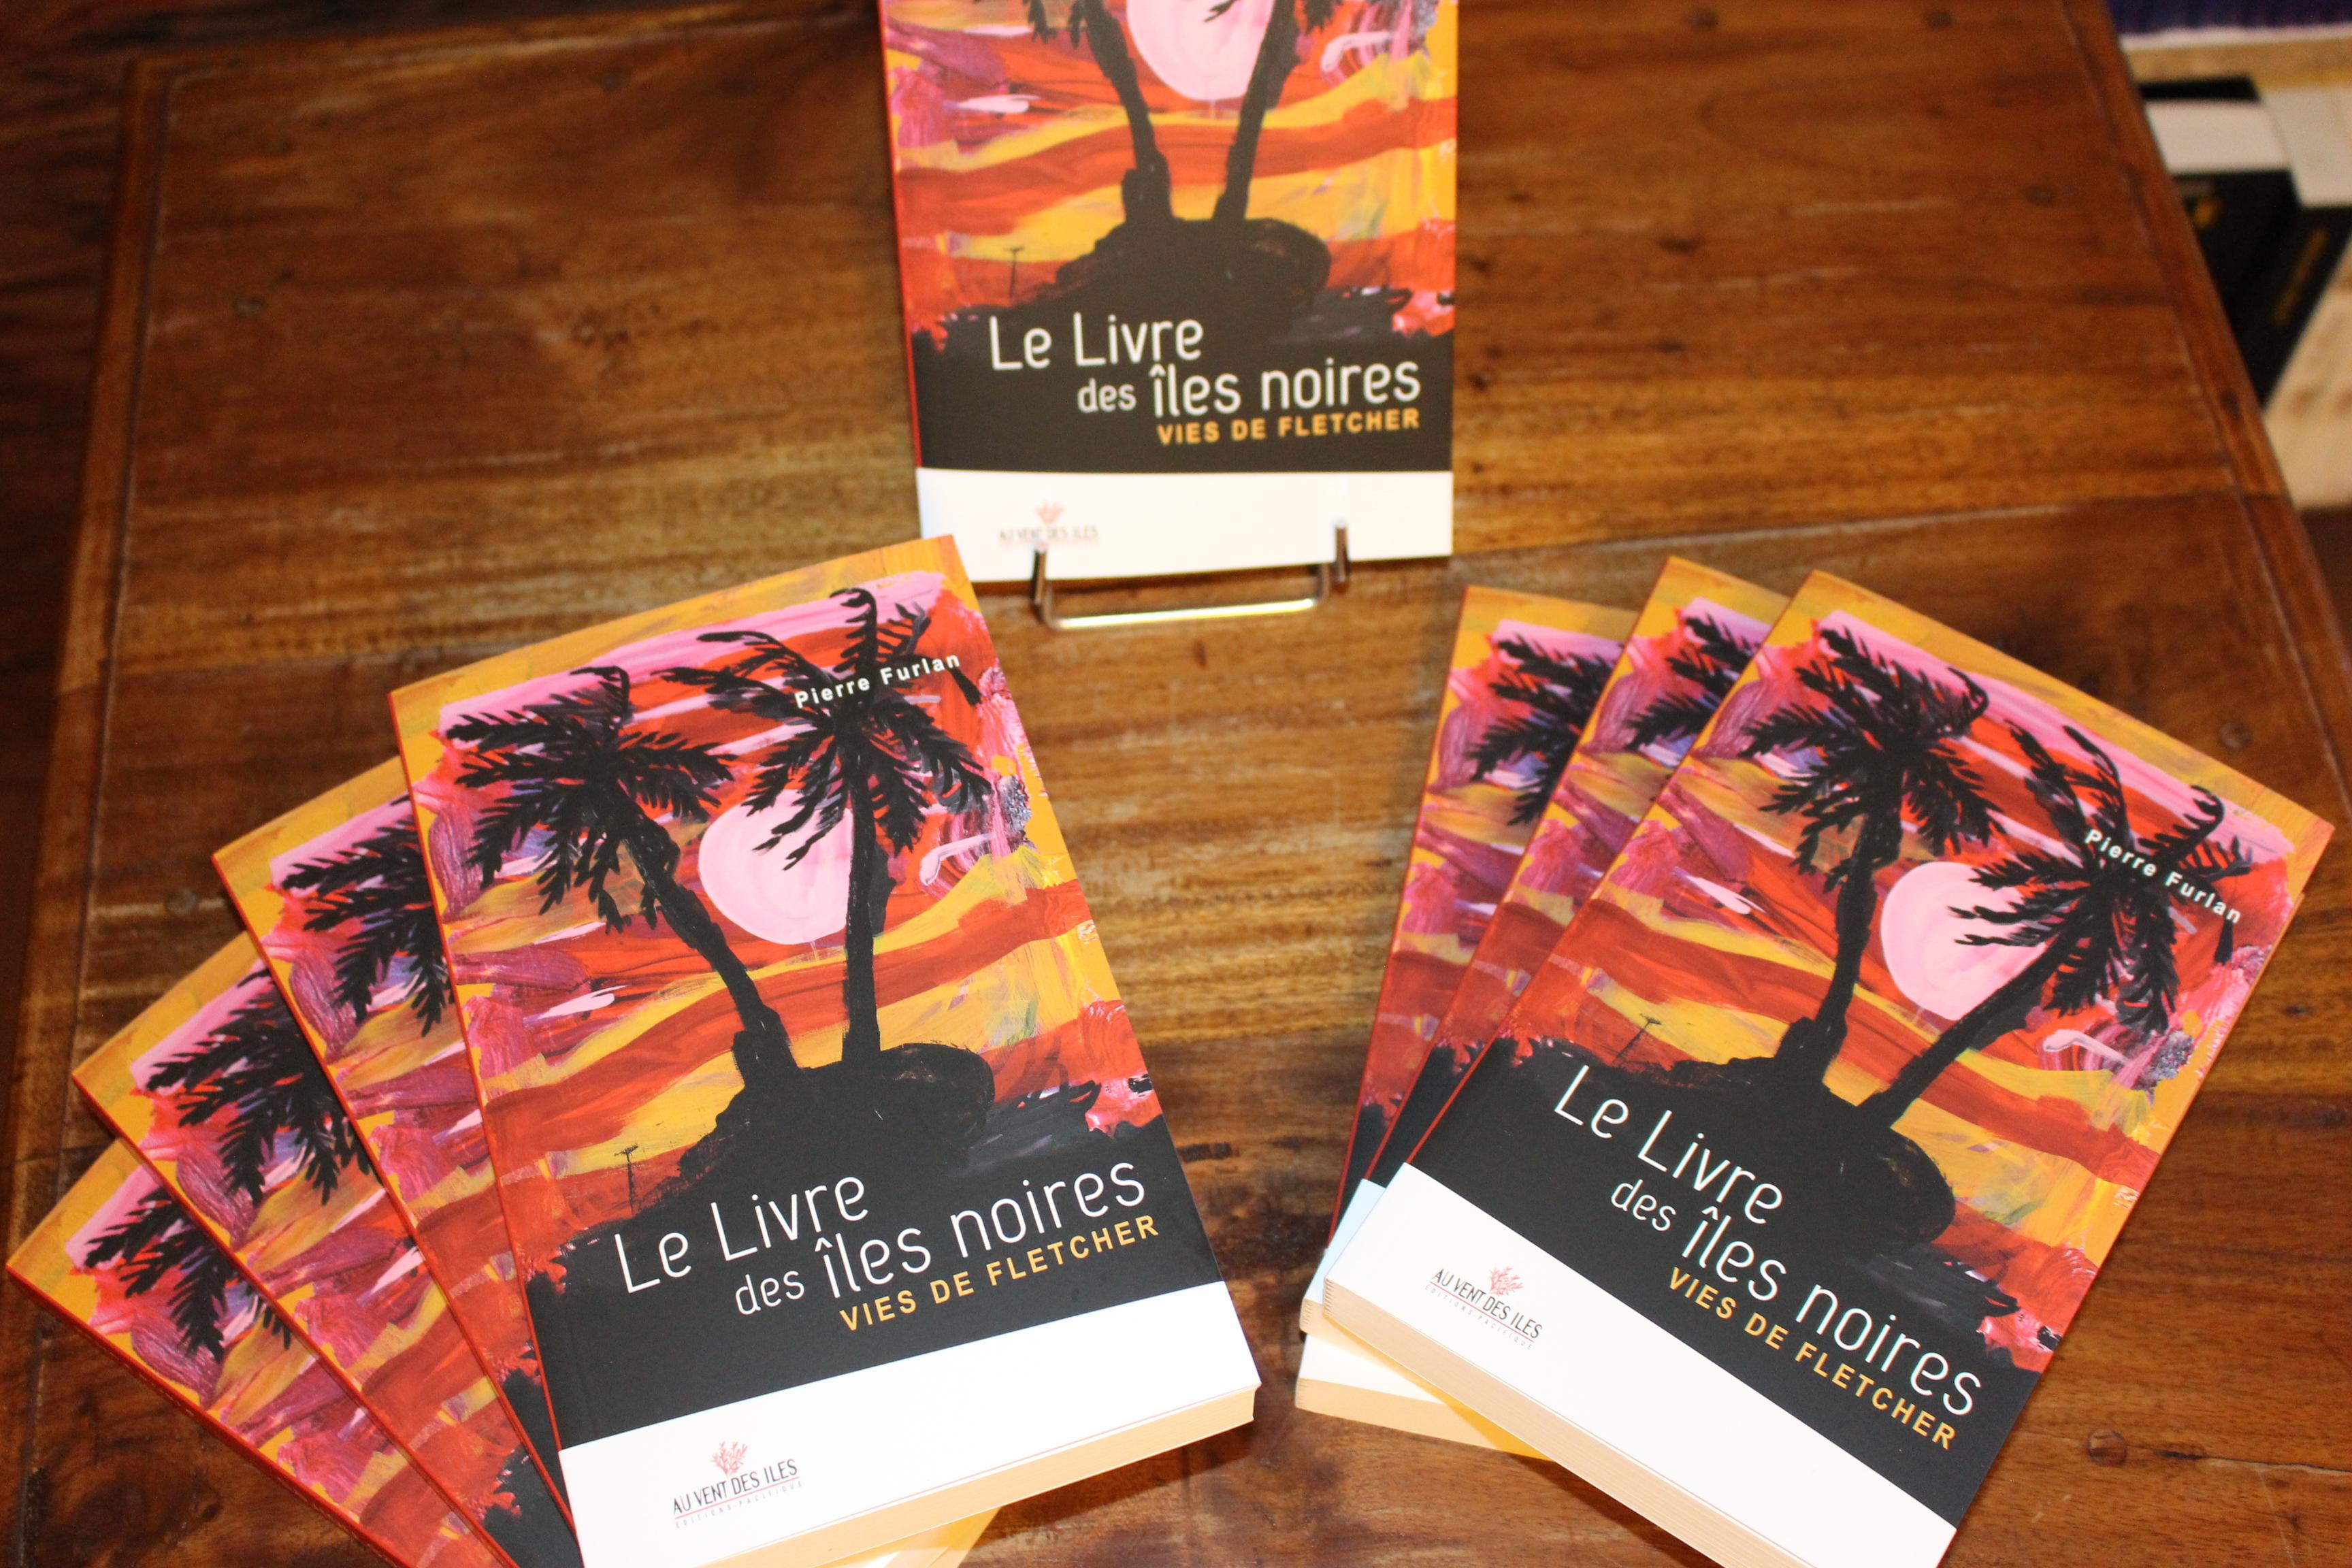 Les vies de l'auteur-aventurier Fletcher racontées par Pierre Furlan